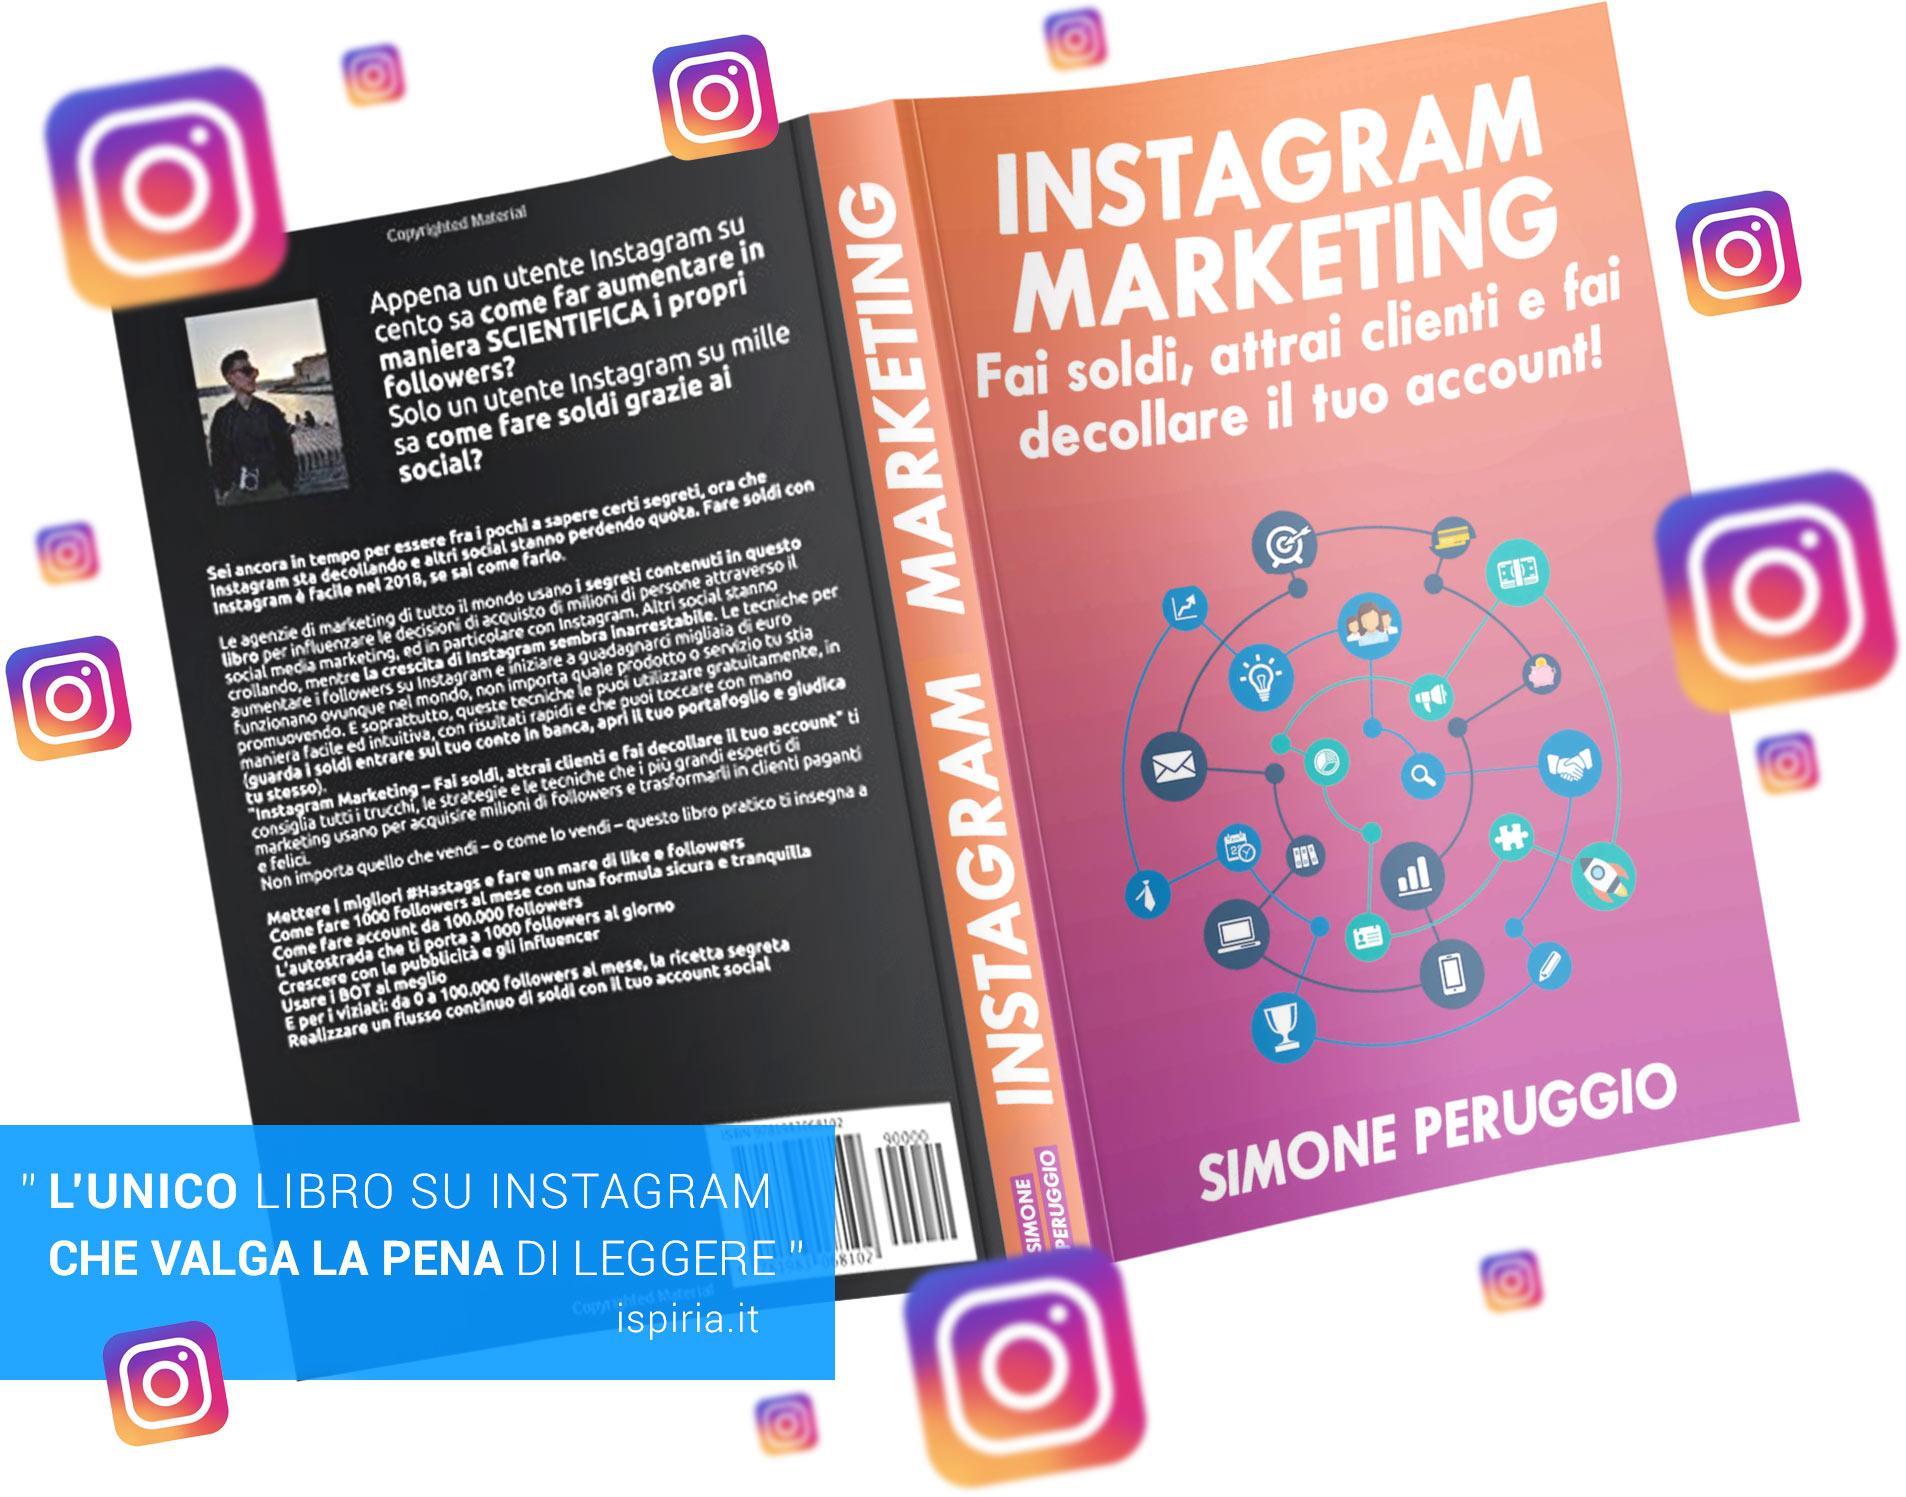 migliore libro su instagram italiano marketing